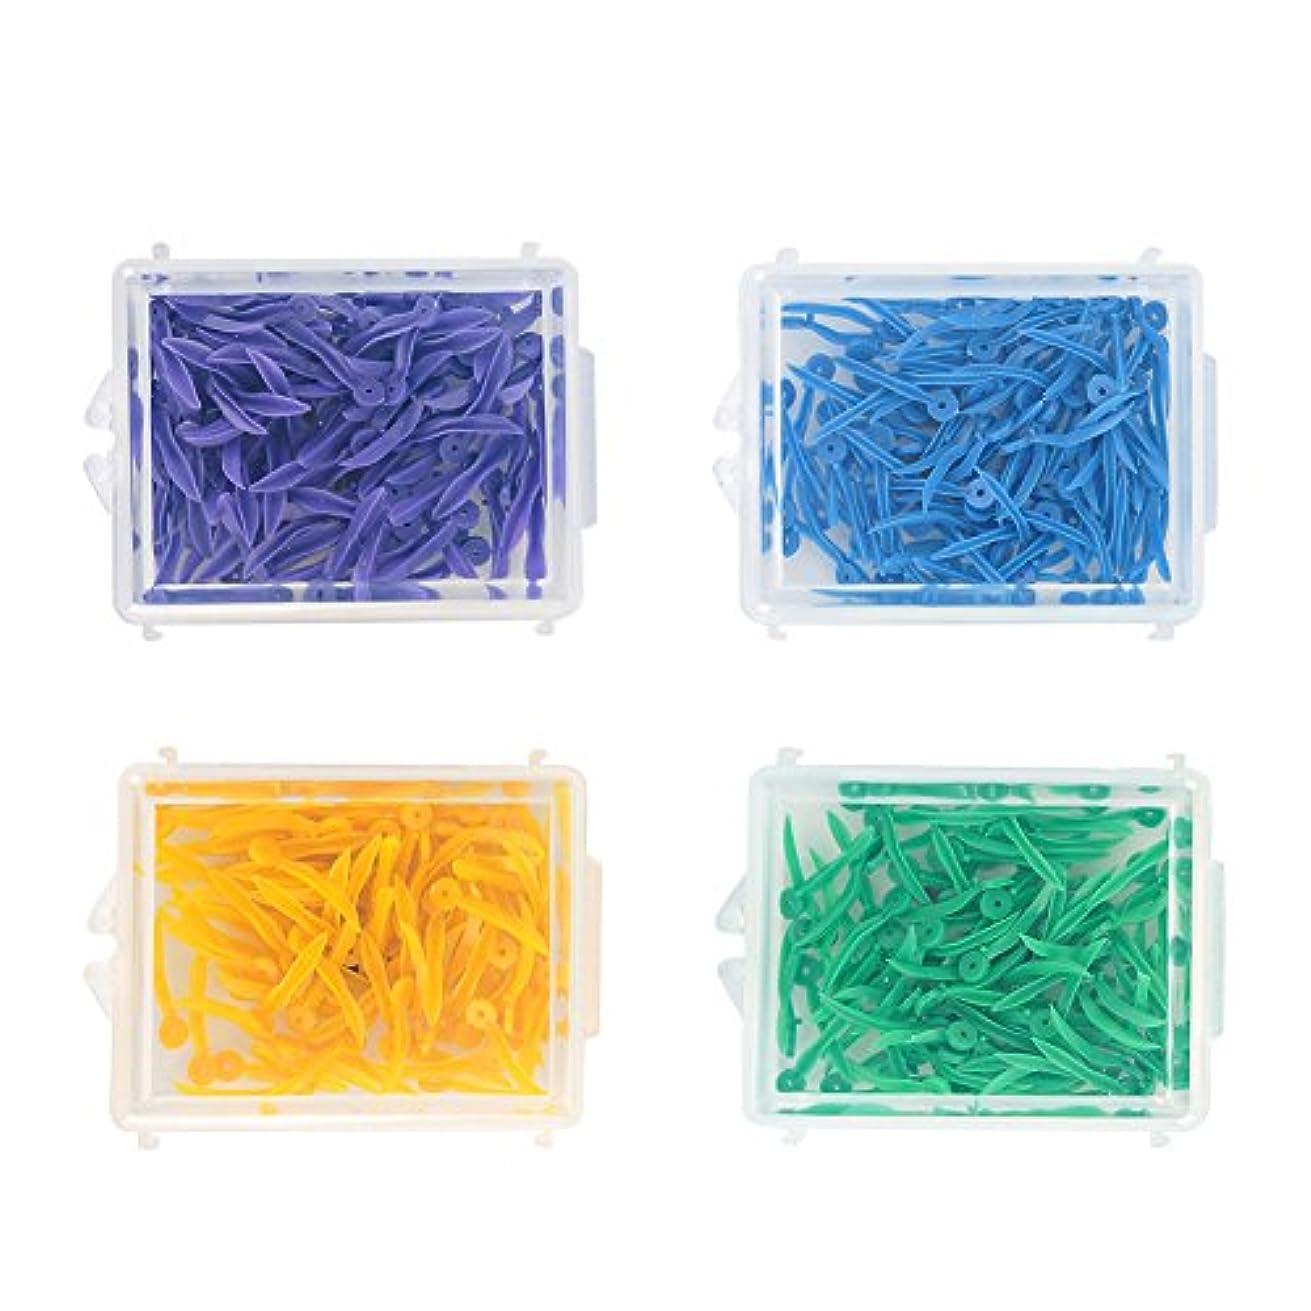 捨てるひどい不安400pcs使い捨て歯科用プラスチック製くさびすべての4つのサイズウェーブシェイプウェッジ